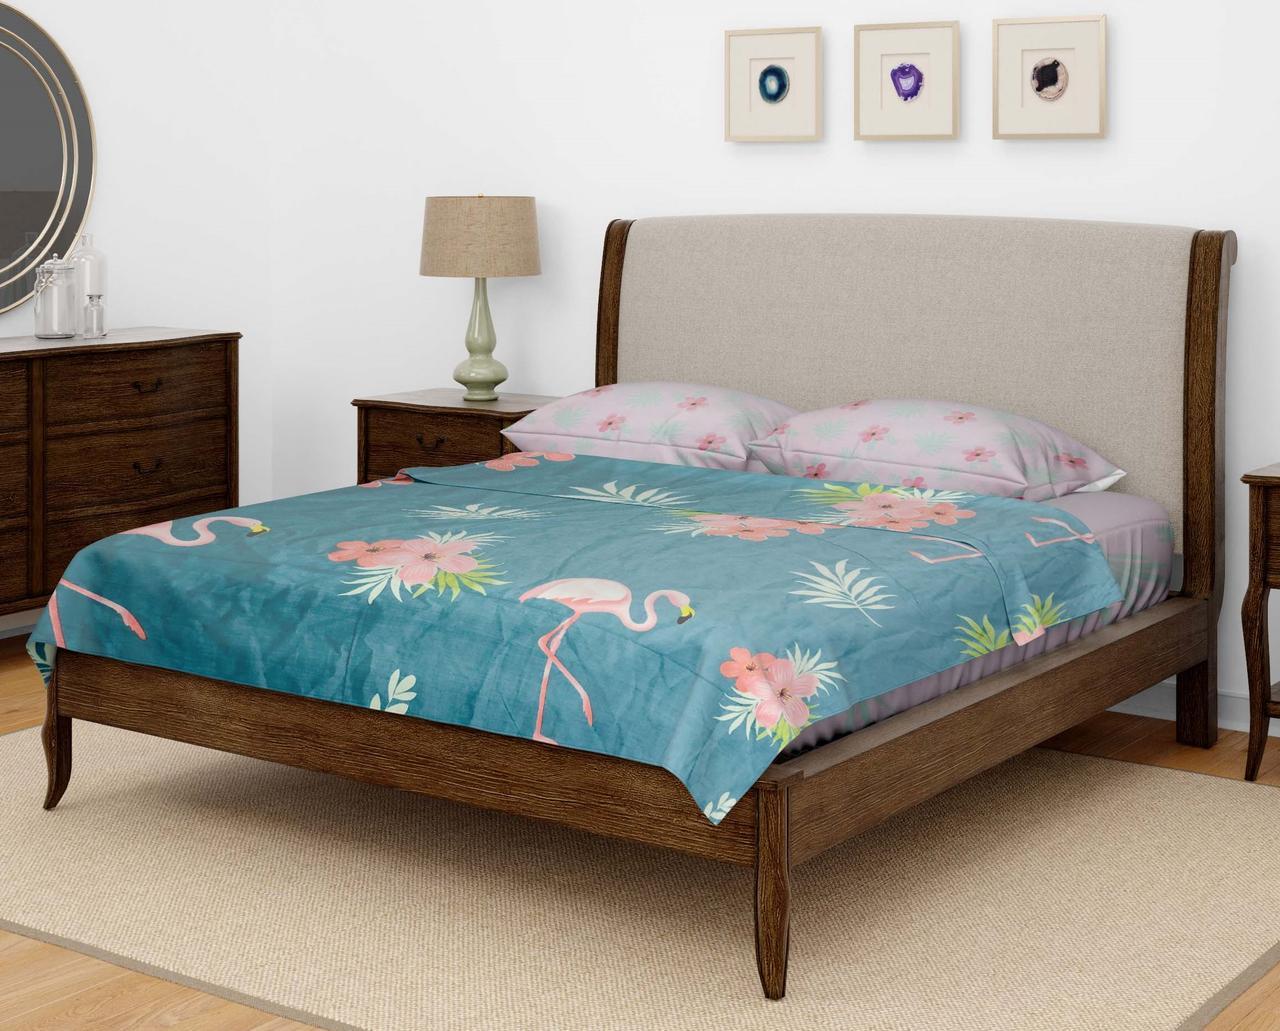 Комплект постельного белья DOTINEM Seni Бязь двуспальный 180х215 (8805-107)